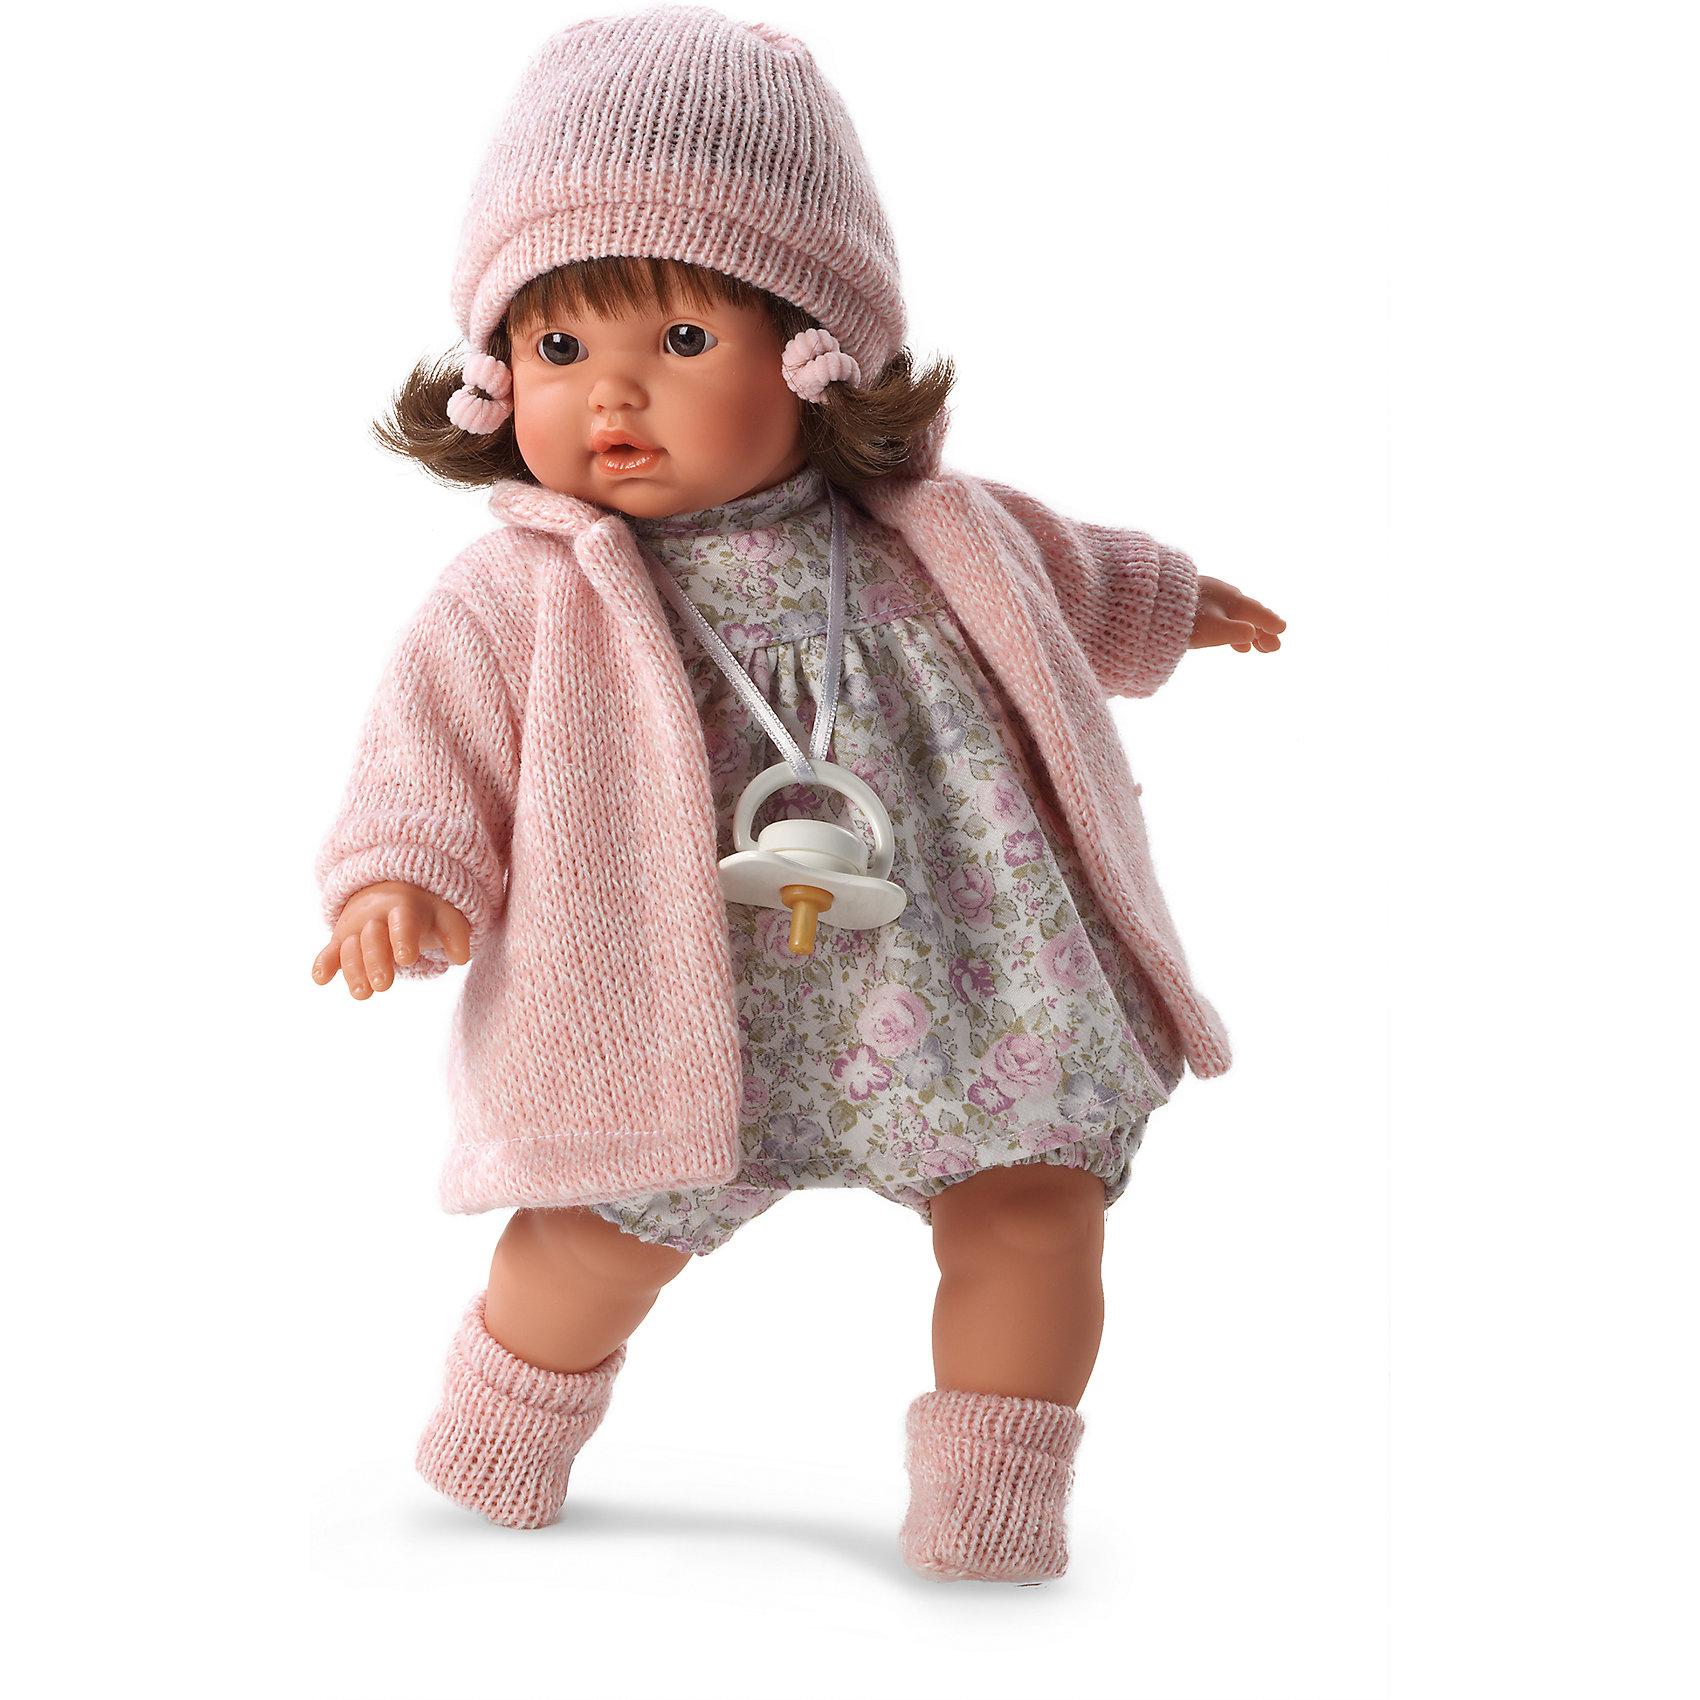 Llorens Кукла Айсель, 33 см, Llorens куклы и одежда для кукол llorens кукла изабела 33 см со звуком